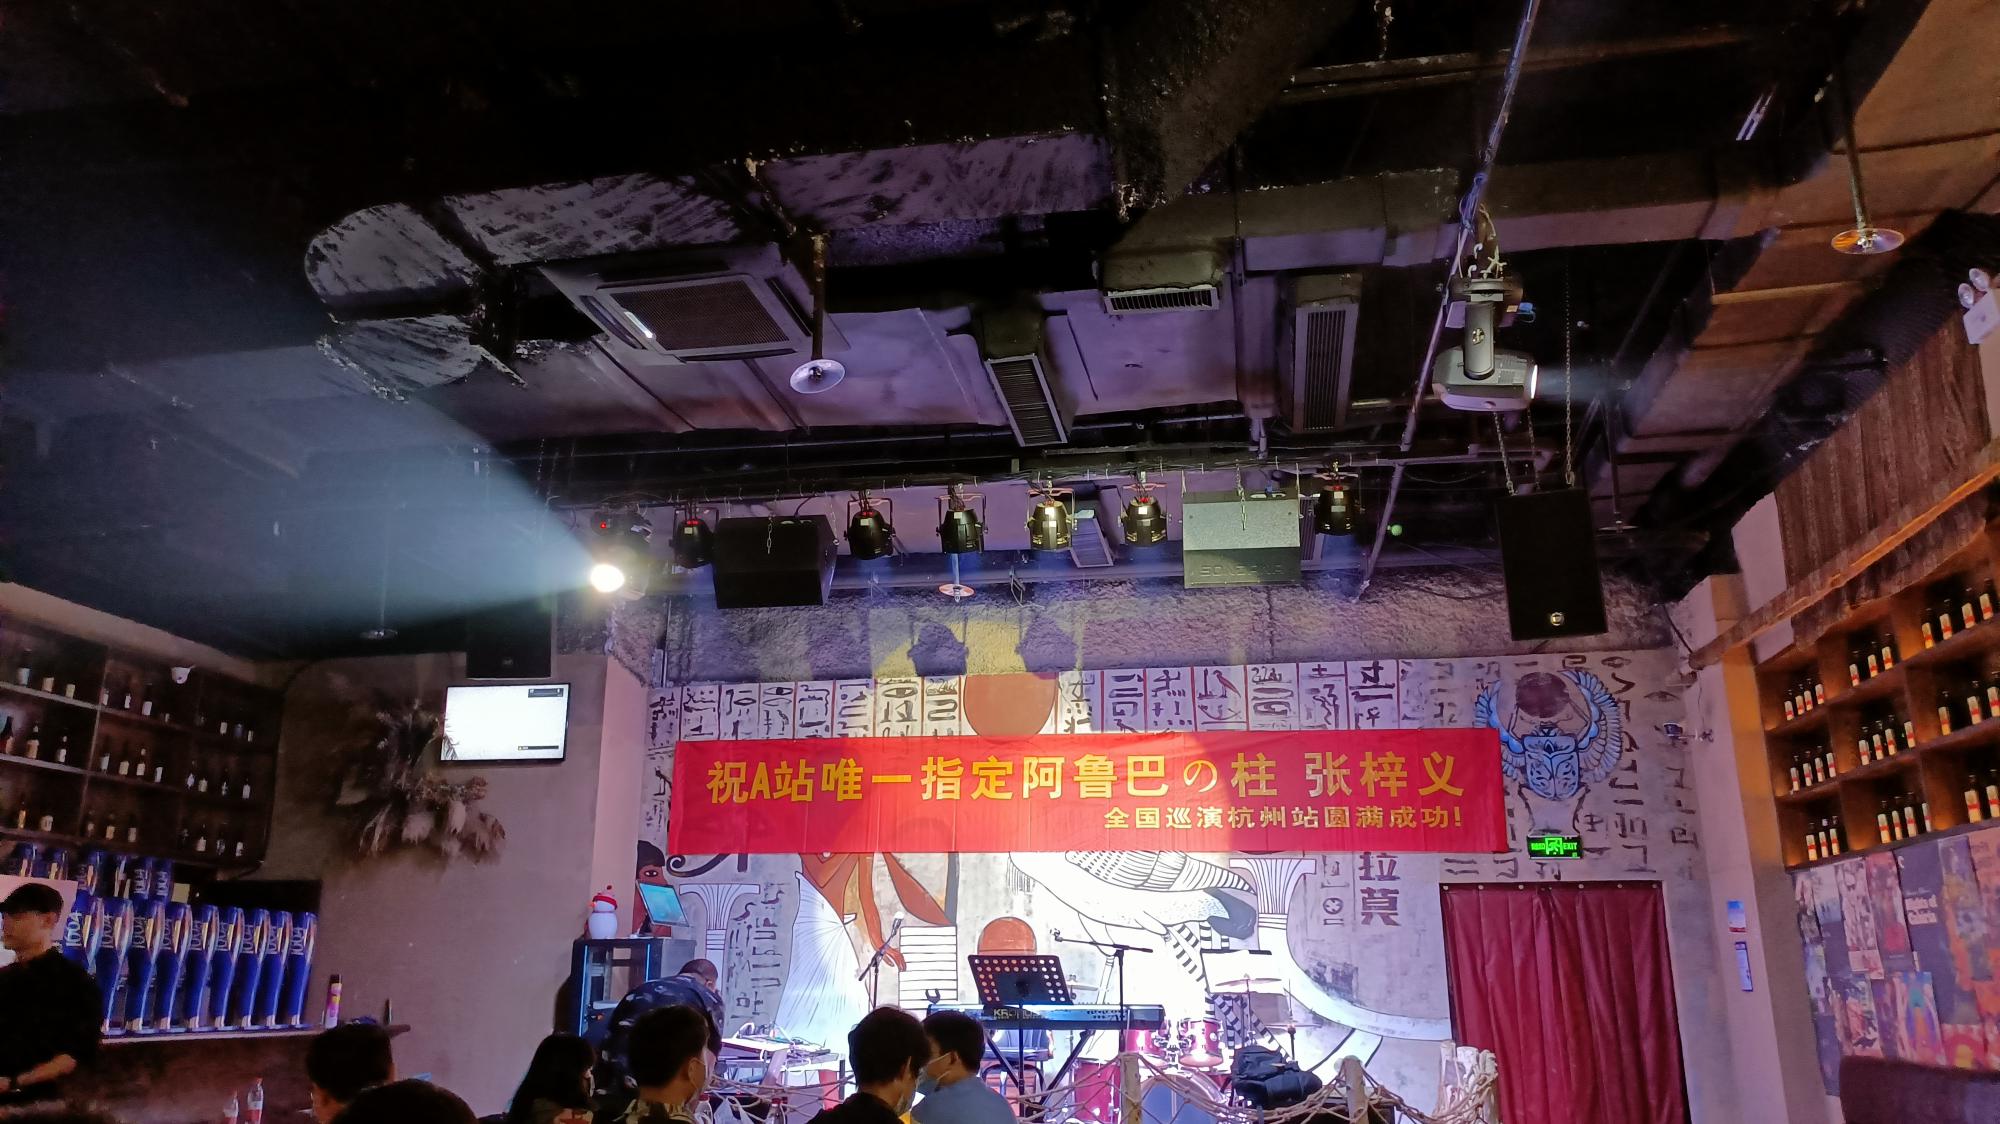 灯哥5.1杭州演唱会,初